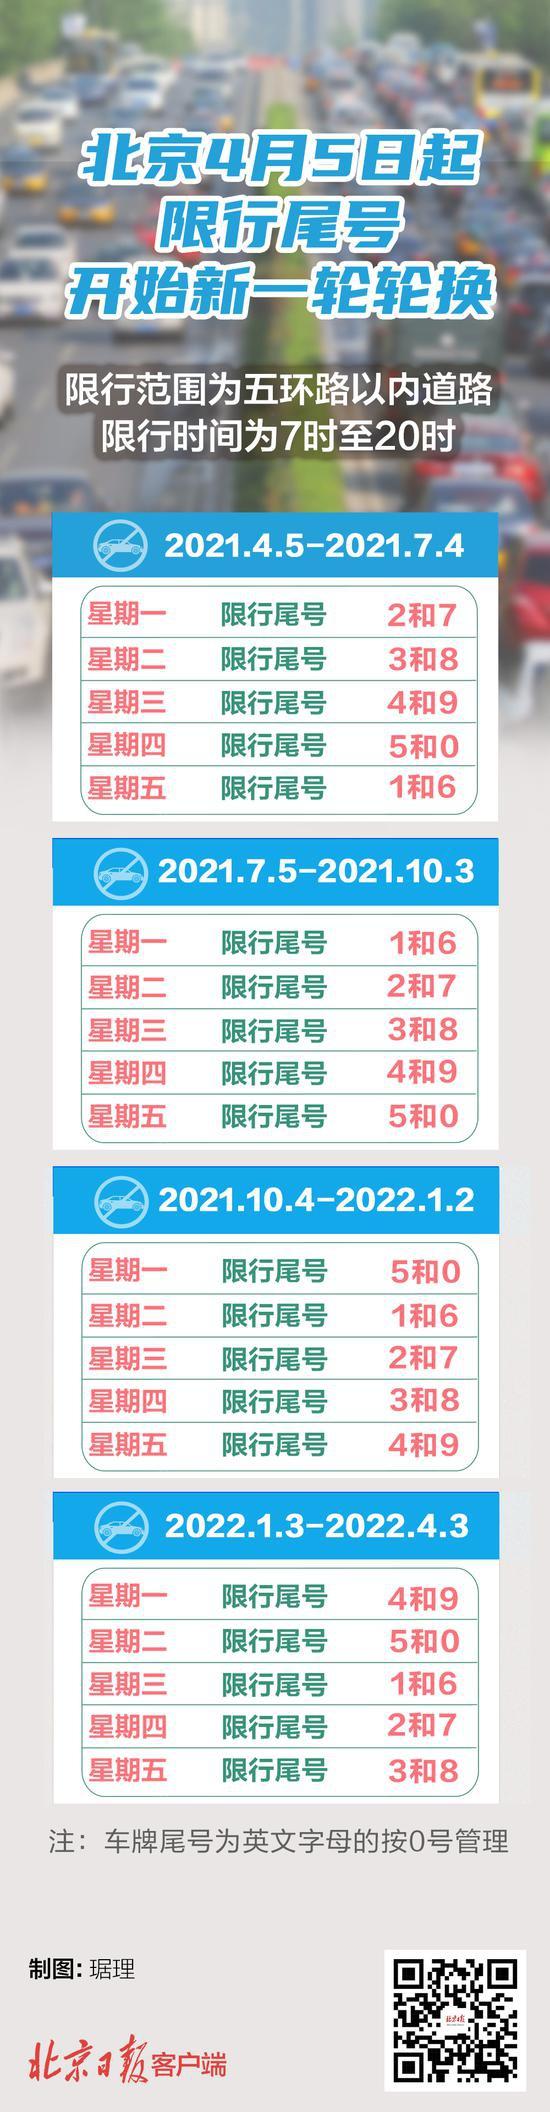 注意!北京发布最新尾号限行措施,收好这张图图片